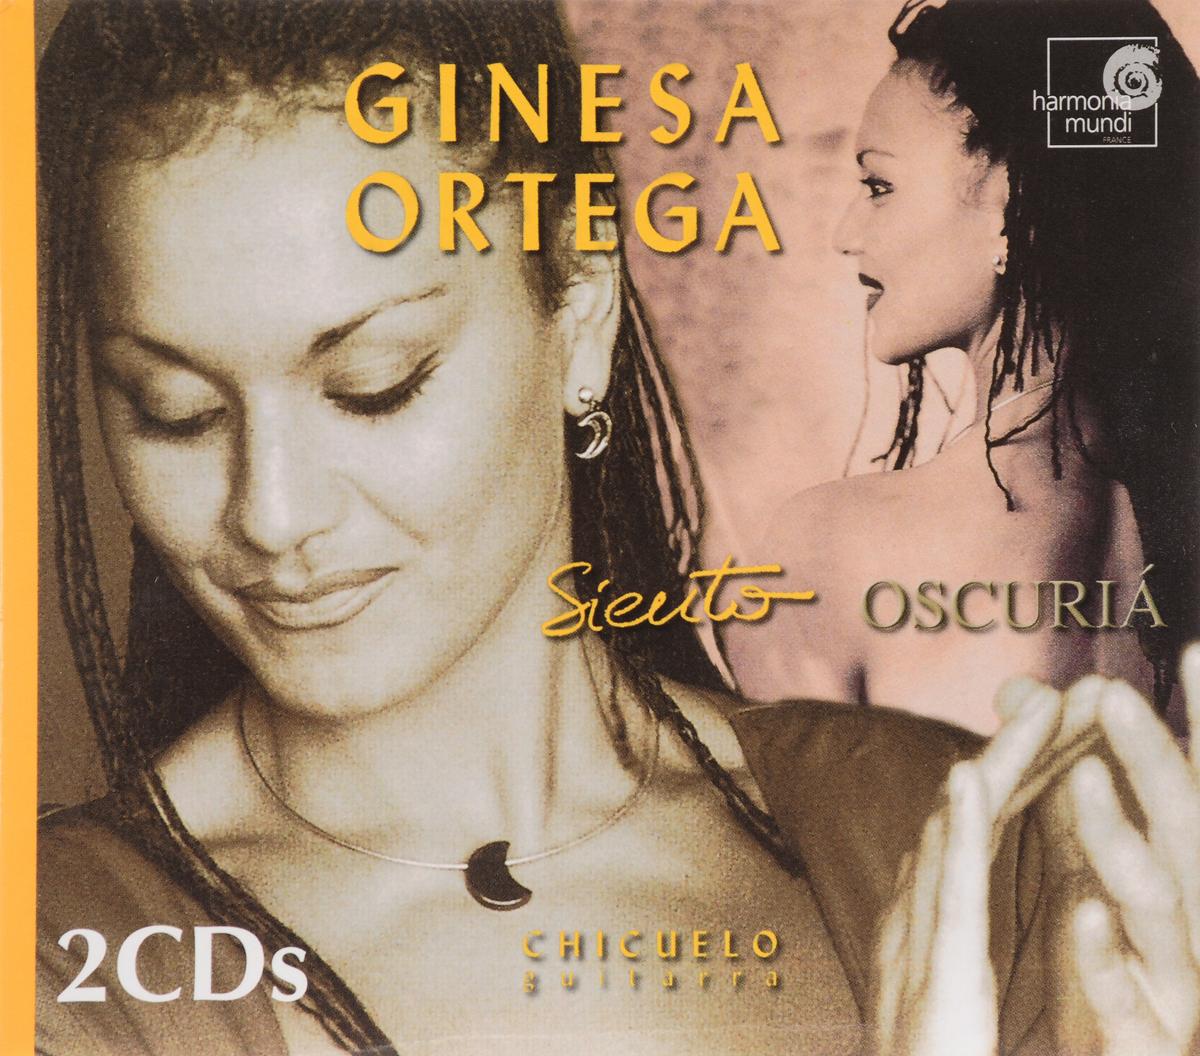 Исполнитель: VARIOUSАльбом: GINESA ORTEGA/TWO FLAMENCO ALBUM: SIENTO & OSCURIAПроизводитель: HMF